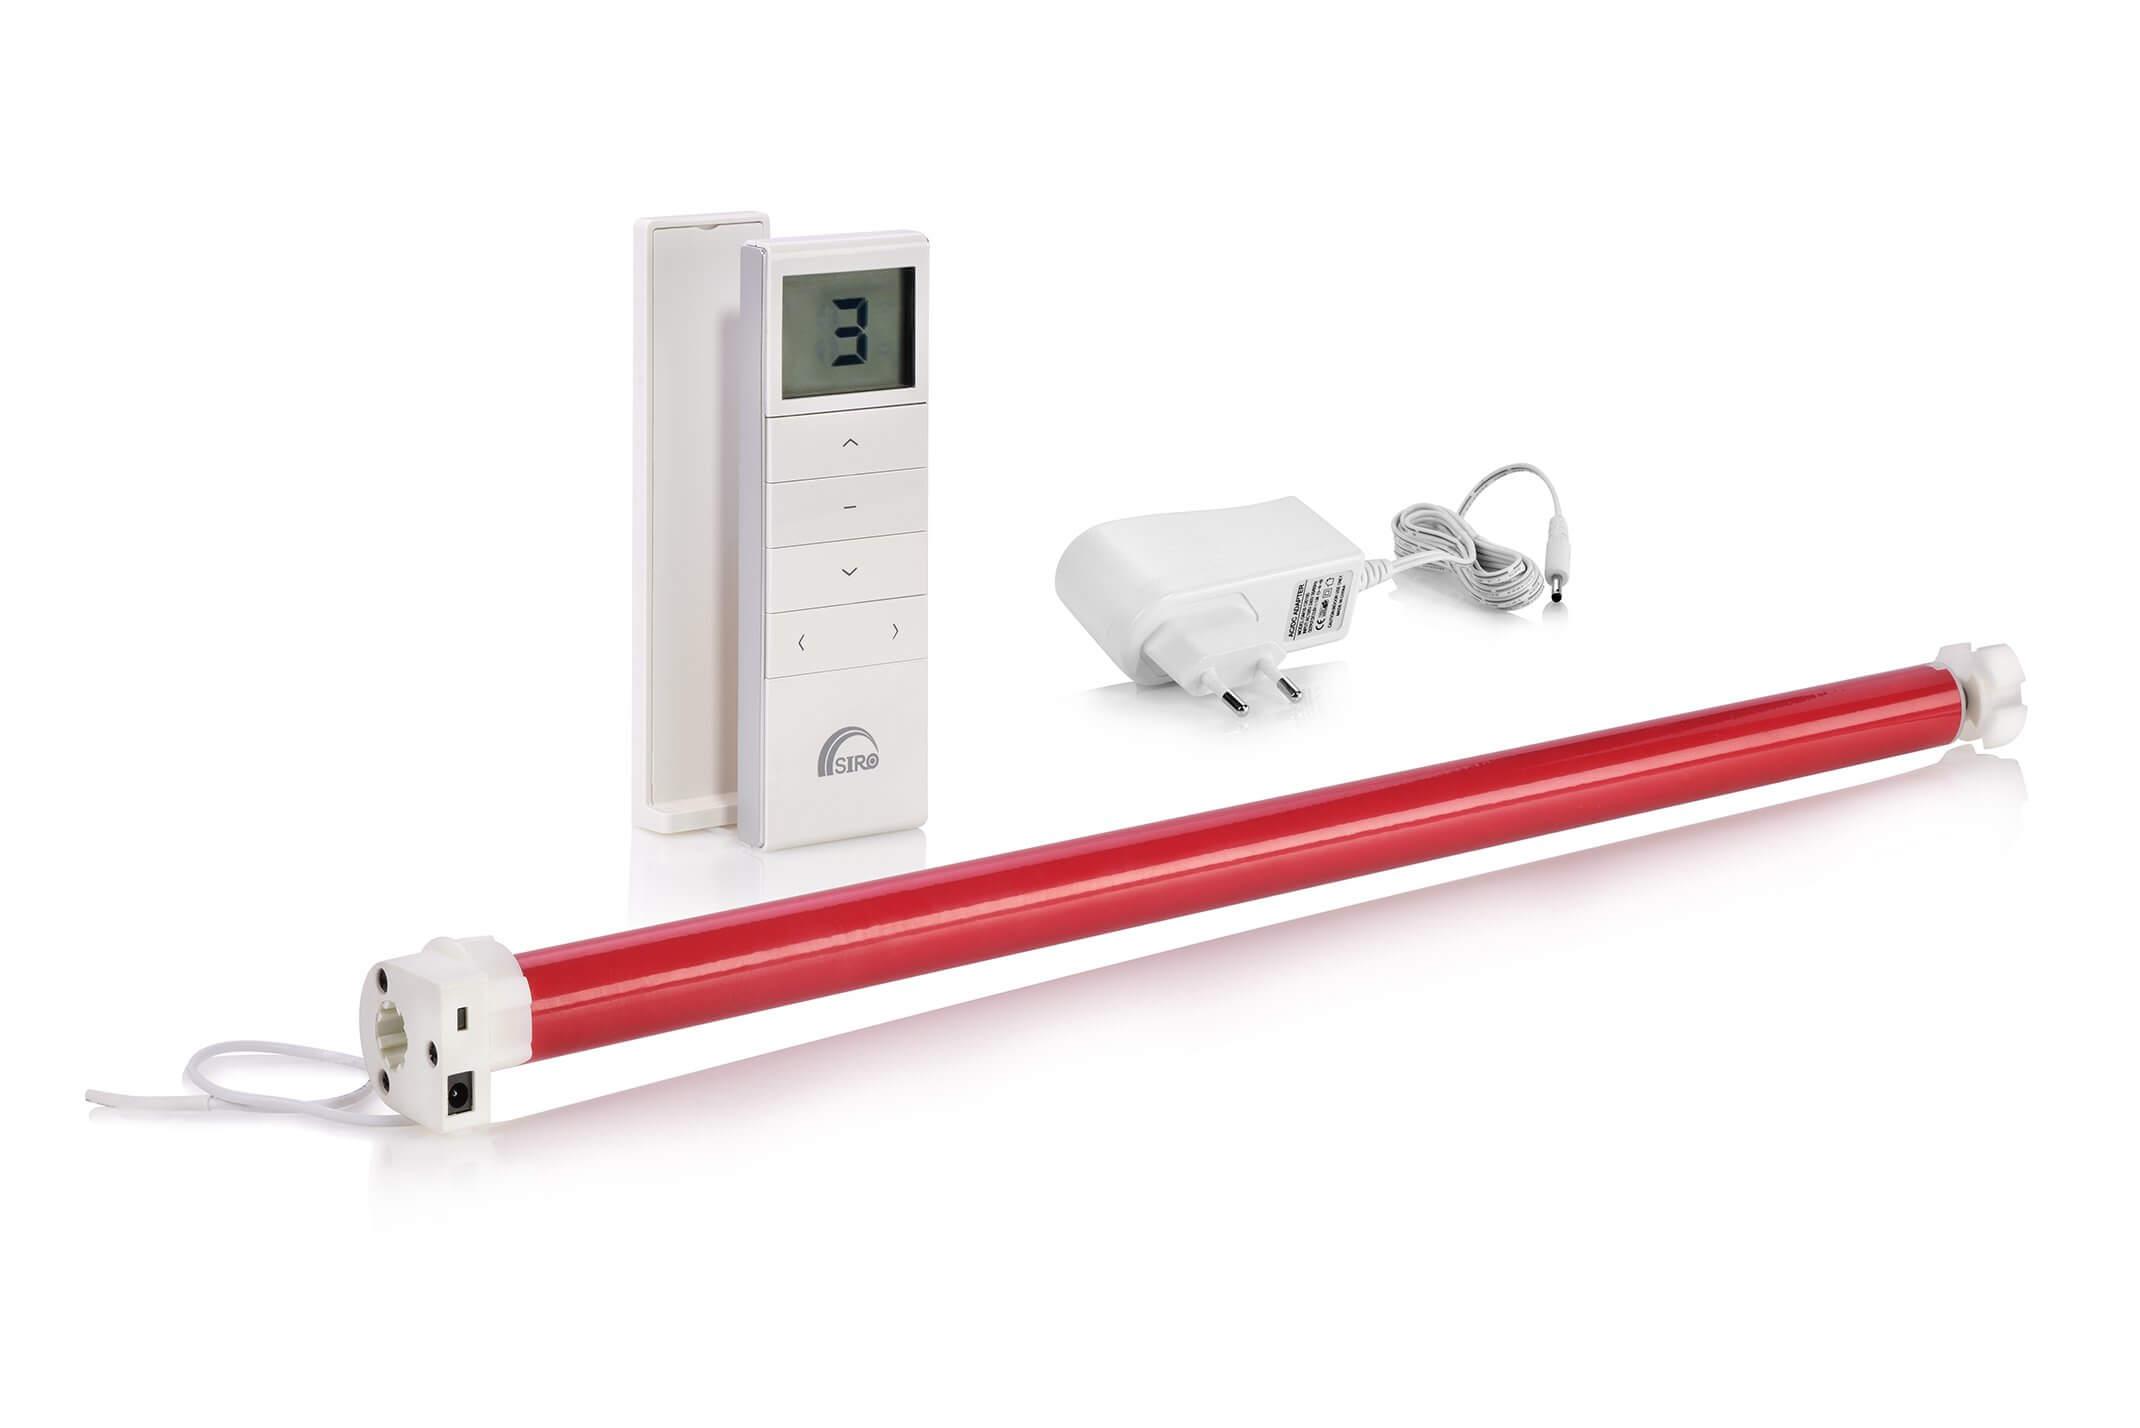 akku rolloantrieb f r elektrische innen rollos jetzt rollos elektrisch nachr sten. Black Bedroom Furniture Sets. Home Design Ideas